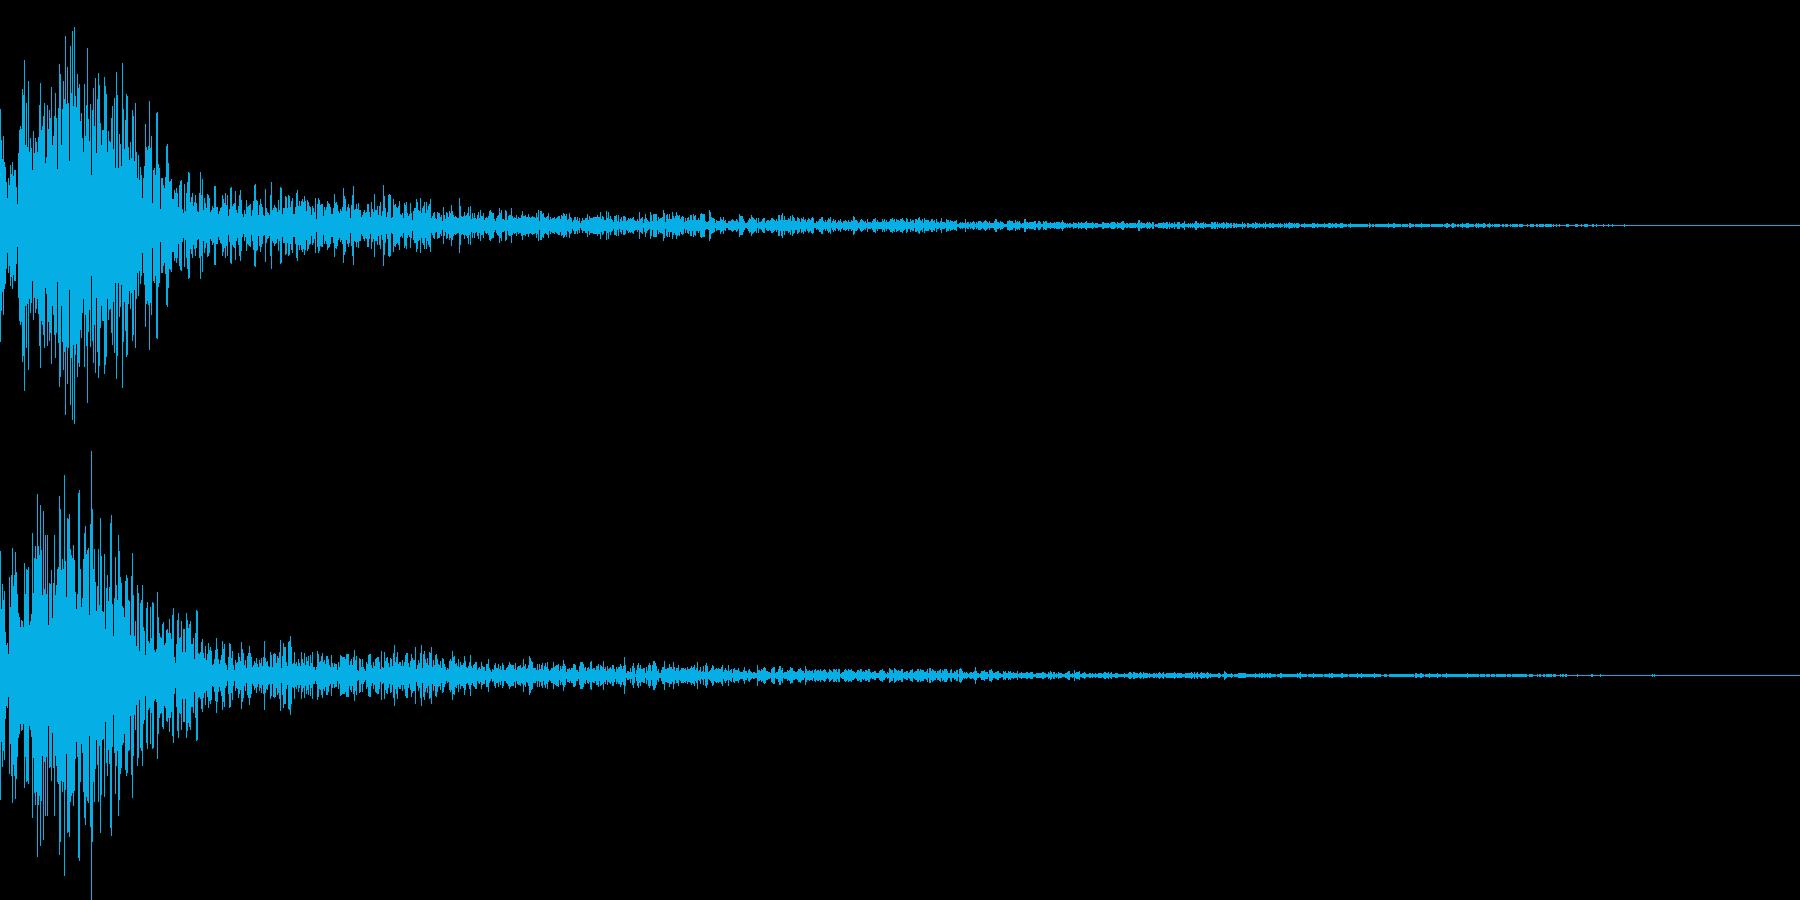 ドン!小太鼓の和風演出 効果音 02の再生済みの波形